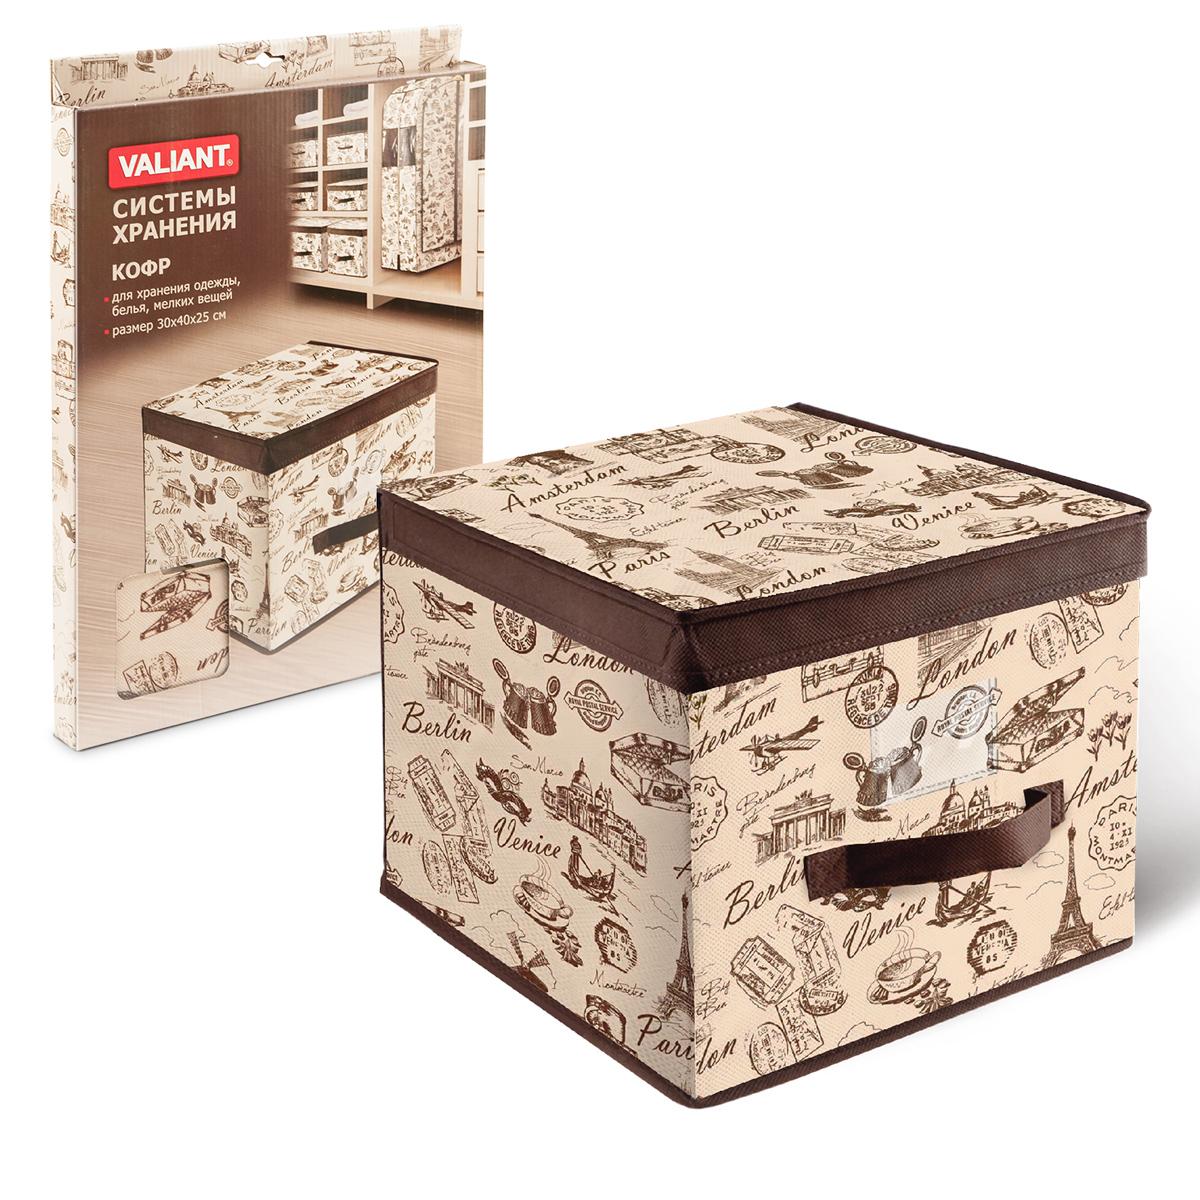 Кофр для хранения Valiant Travelling, 30 х 40 х 25 смTRB302Кофр для хранения Valiant Travelling изготовлен из высококачественного нетканого материала (спанбонда), который обеспечивает естественную вентиляцию, позволяя воздуху проникать внутрь, но не пропускает пыль. Вставки из плотного картона хорошо держат форму. Кофр снабжен специальной крышкой и ручкой сбоку. Изделие отличается мобильностью: легко раскладывается и складывается. В таком кофре удобно хранить одежду, белье и мелкие аксессуары. Оригинальный дизайн погружает в атмосферу путешествий по разным городам и странам.Системы хранения в едином дизайне сделают вашу гардеробную красивой и невероятно стильной.